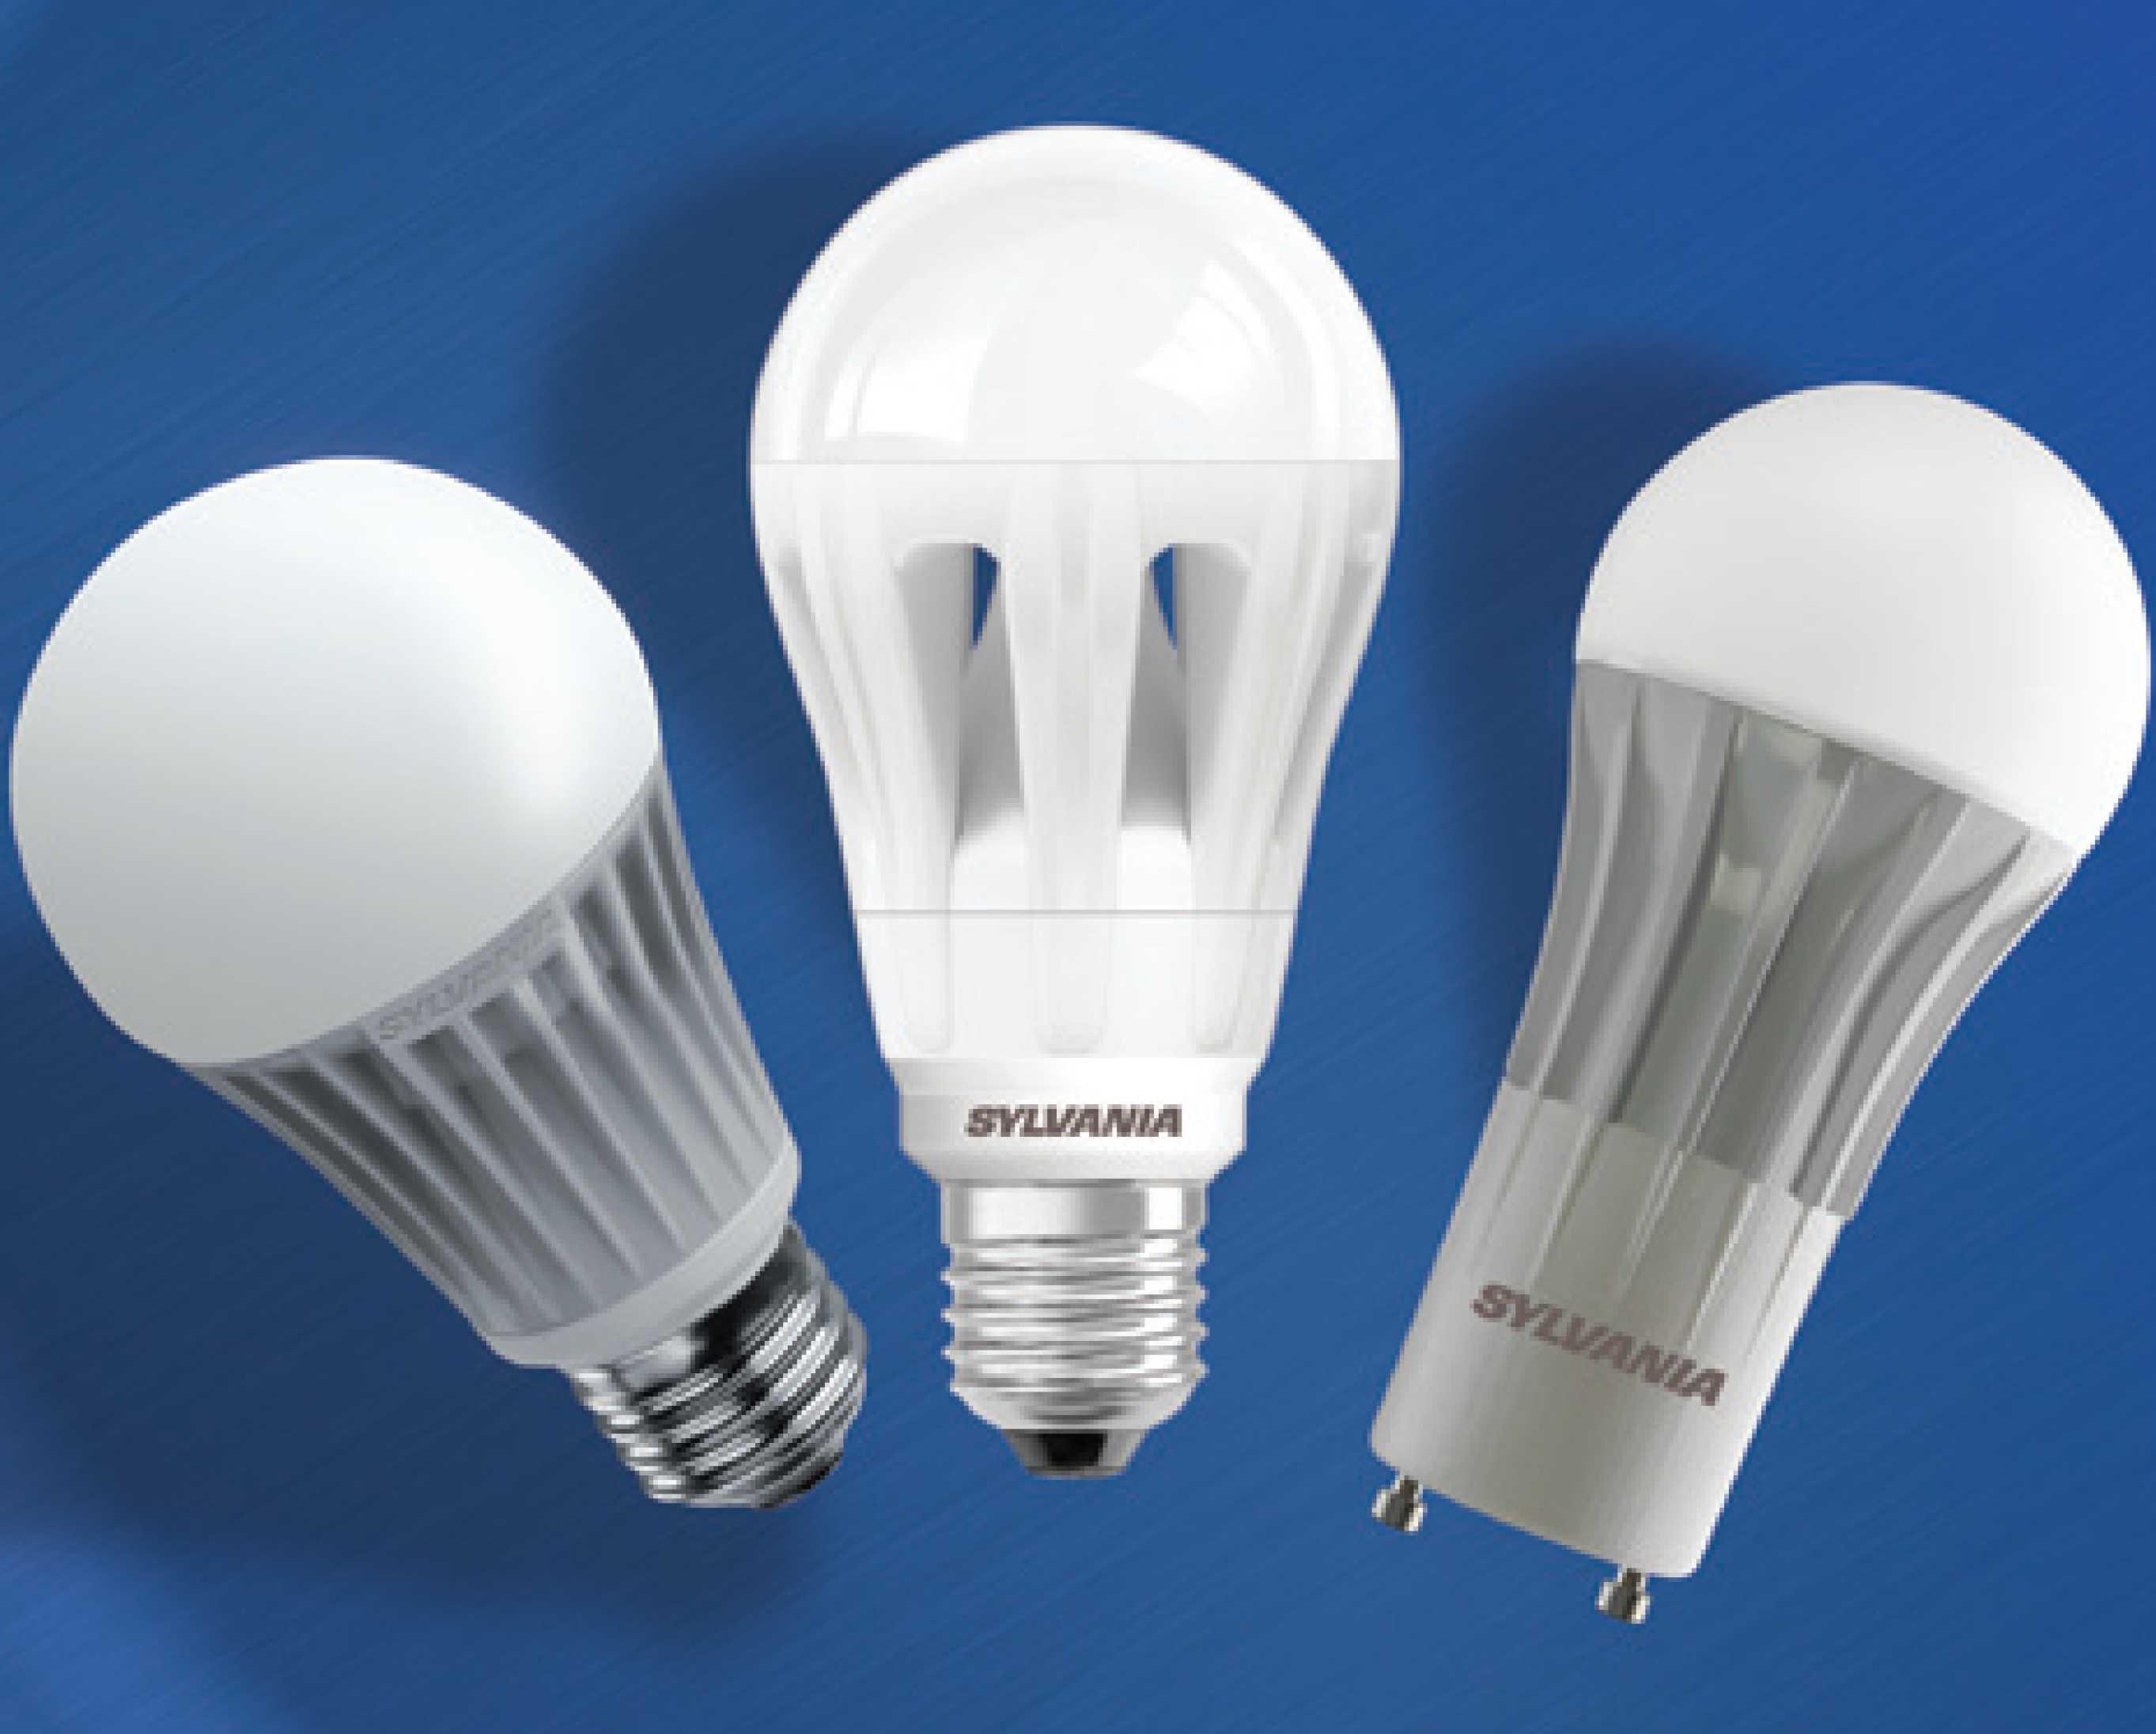 Plafoniere Per Lampade Led E27 : Pro e contro delle nuove lampadine a led con driver incorporato